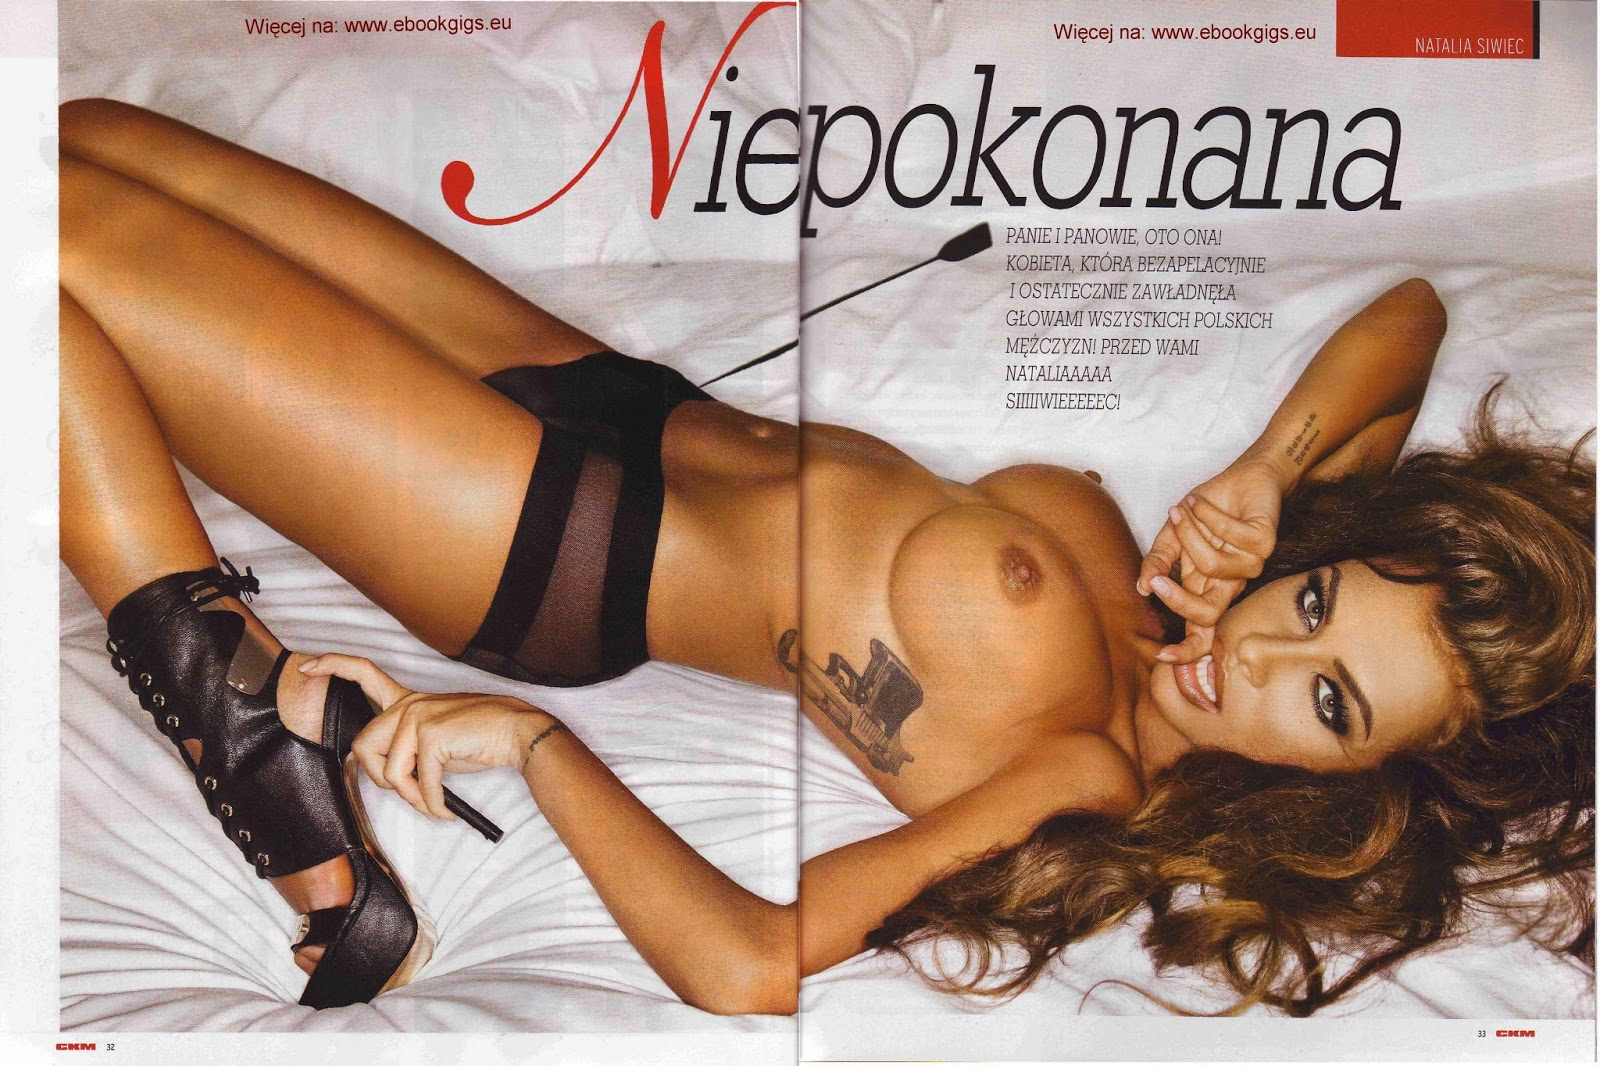 Эротические журналы продаваемые в россии, Эротические журналы - фото голых девушек 3 фотография